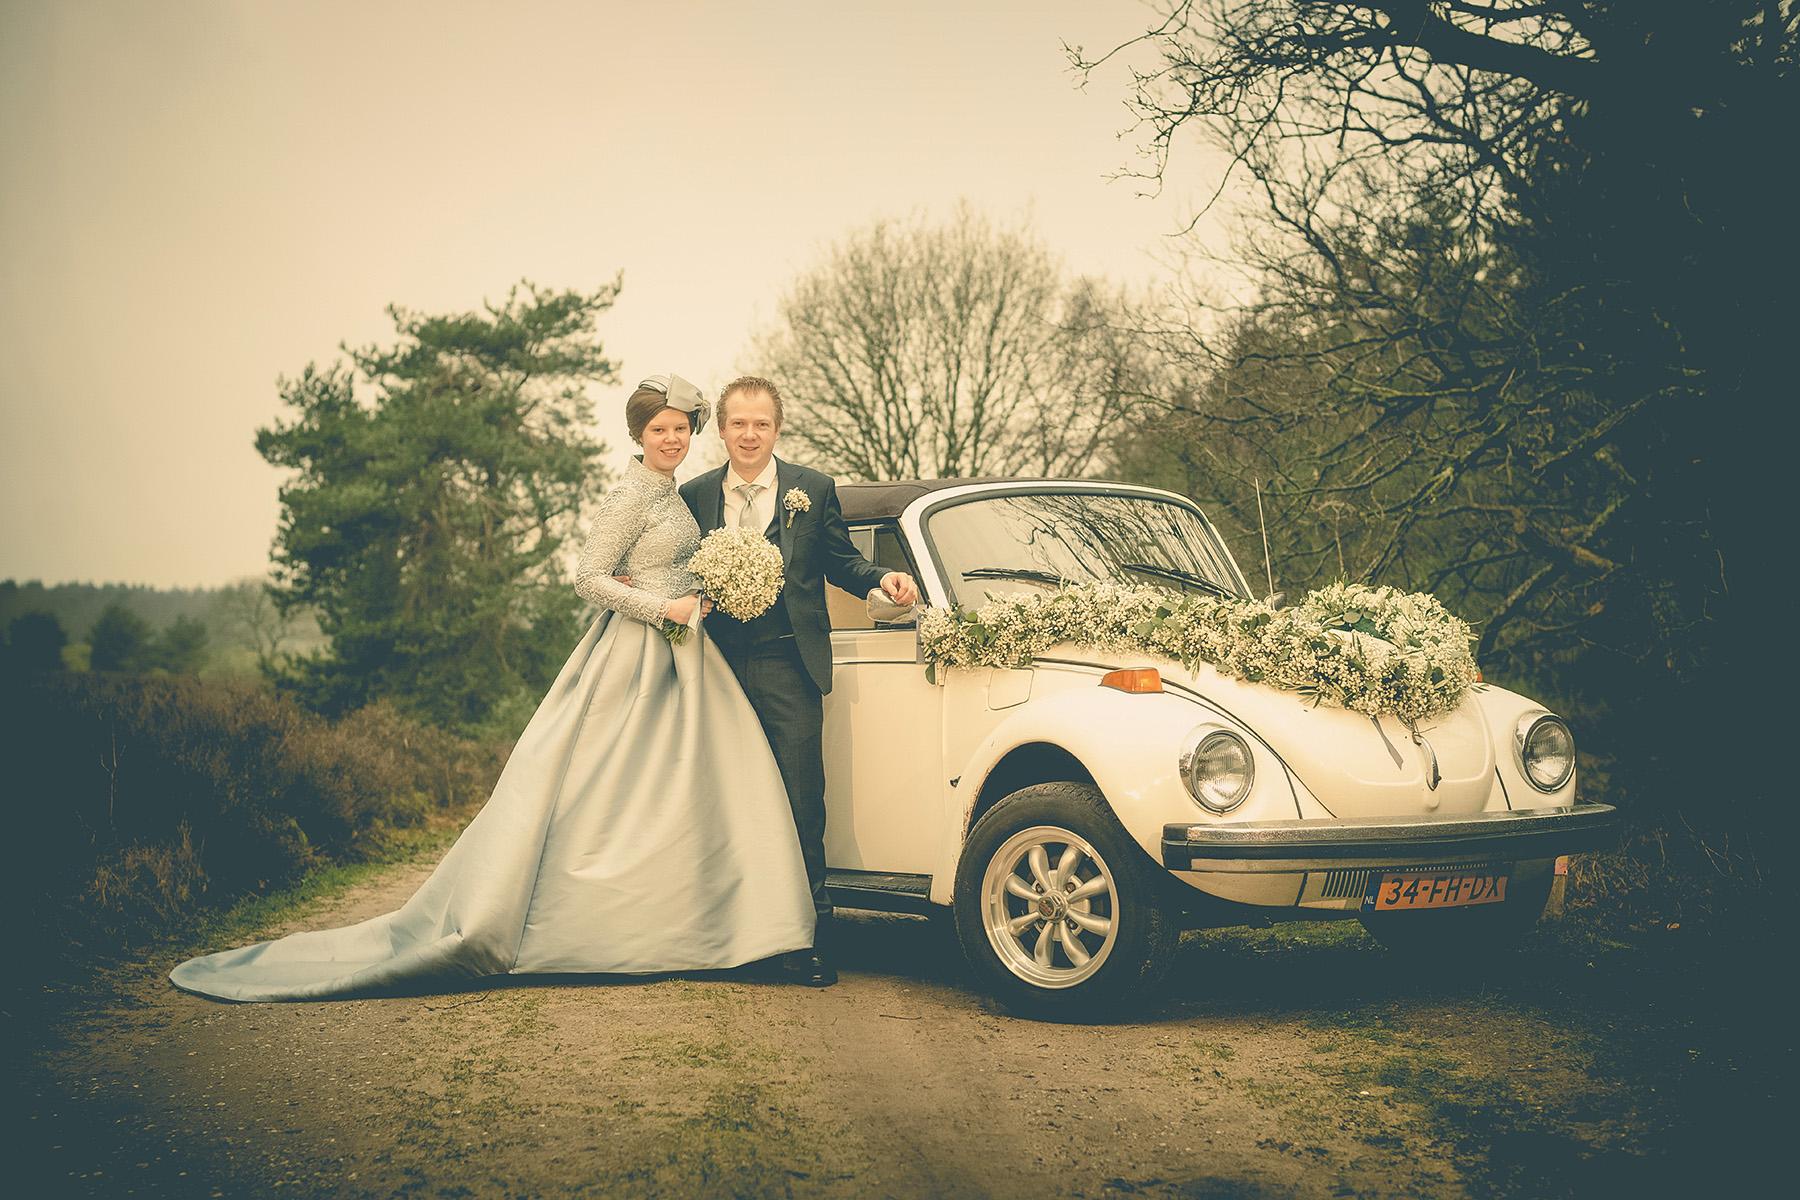 Fotograaf Wouter van Middendorp omgeving Veenendaal, Lunteren, bruidsfotografie